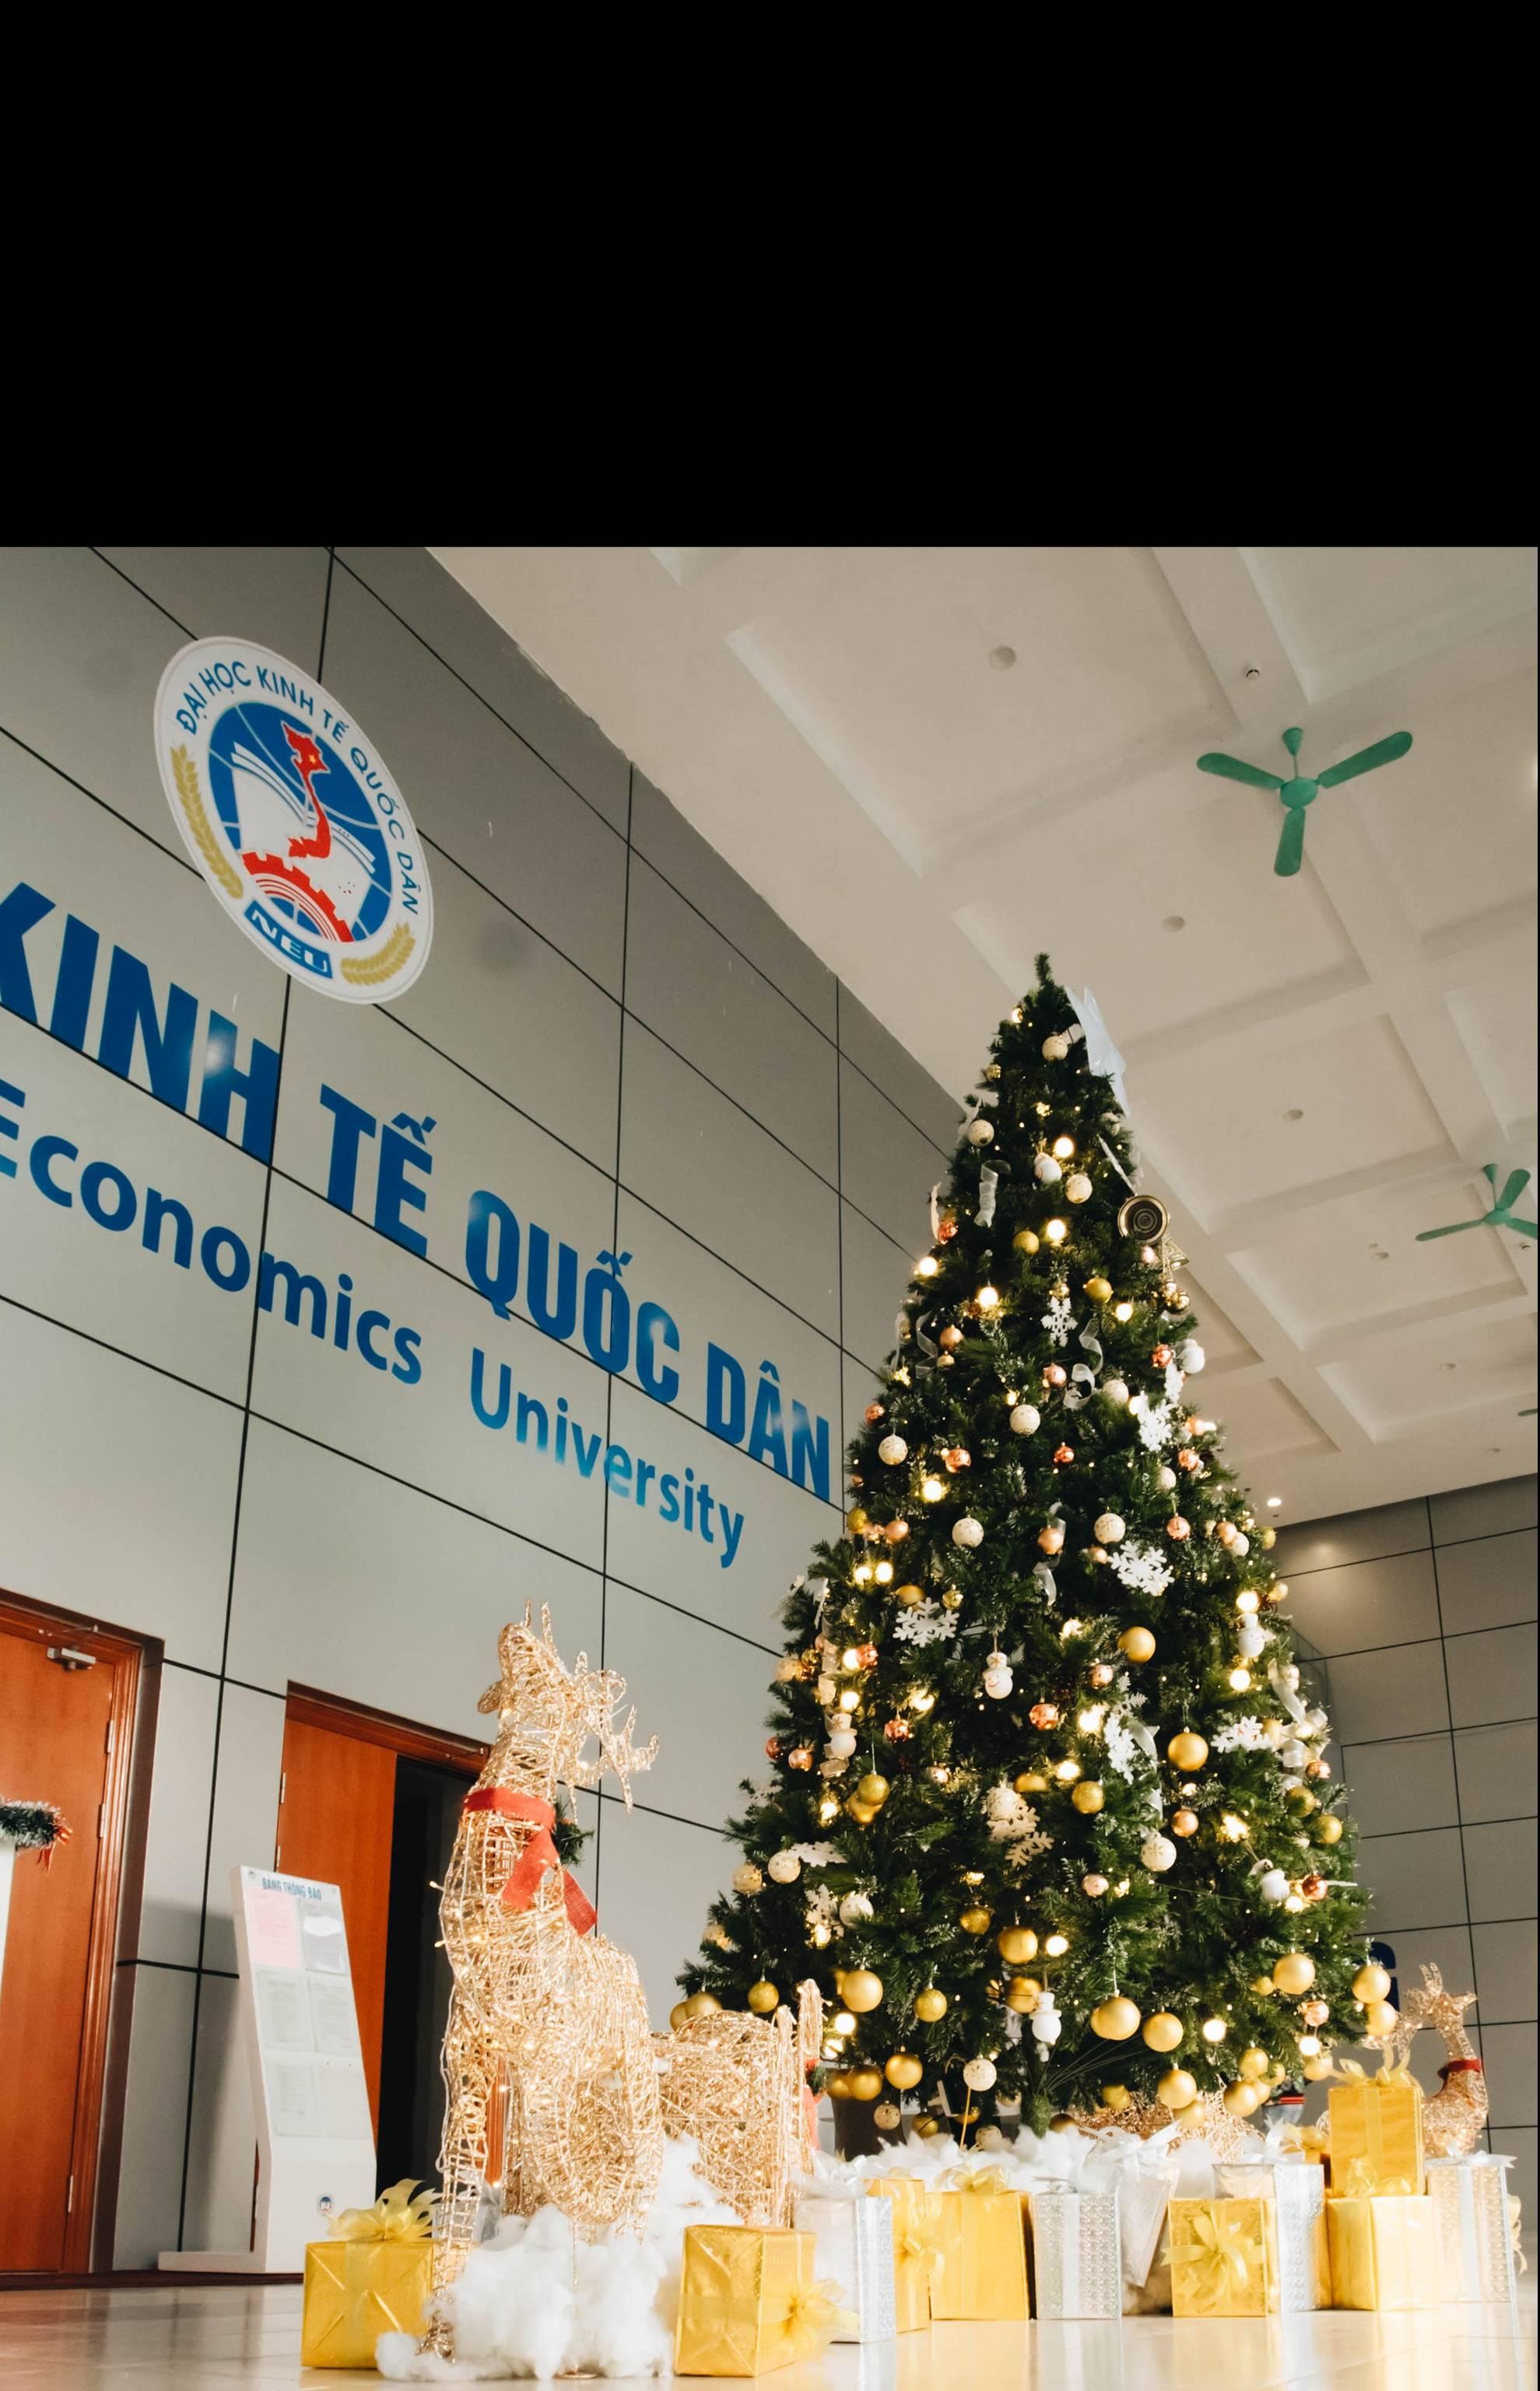 Xịn như Kinh tế Quốc dân: Dựng không gian checkin Noel sang như khách sạn bên trong toà nhà thế kỷ 96.000 m2 với 17 thang máy!-3